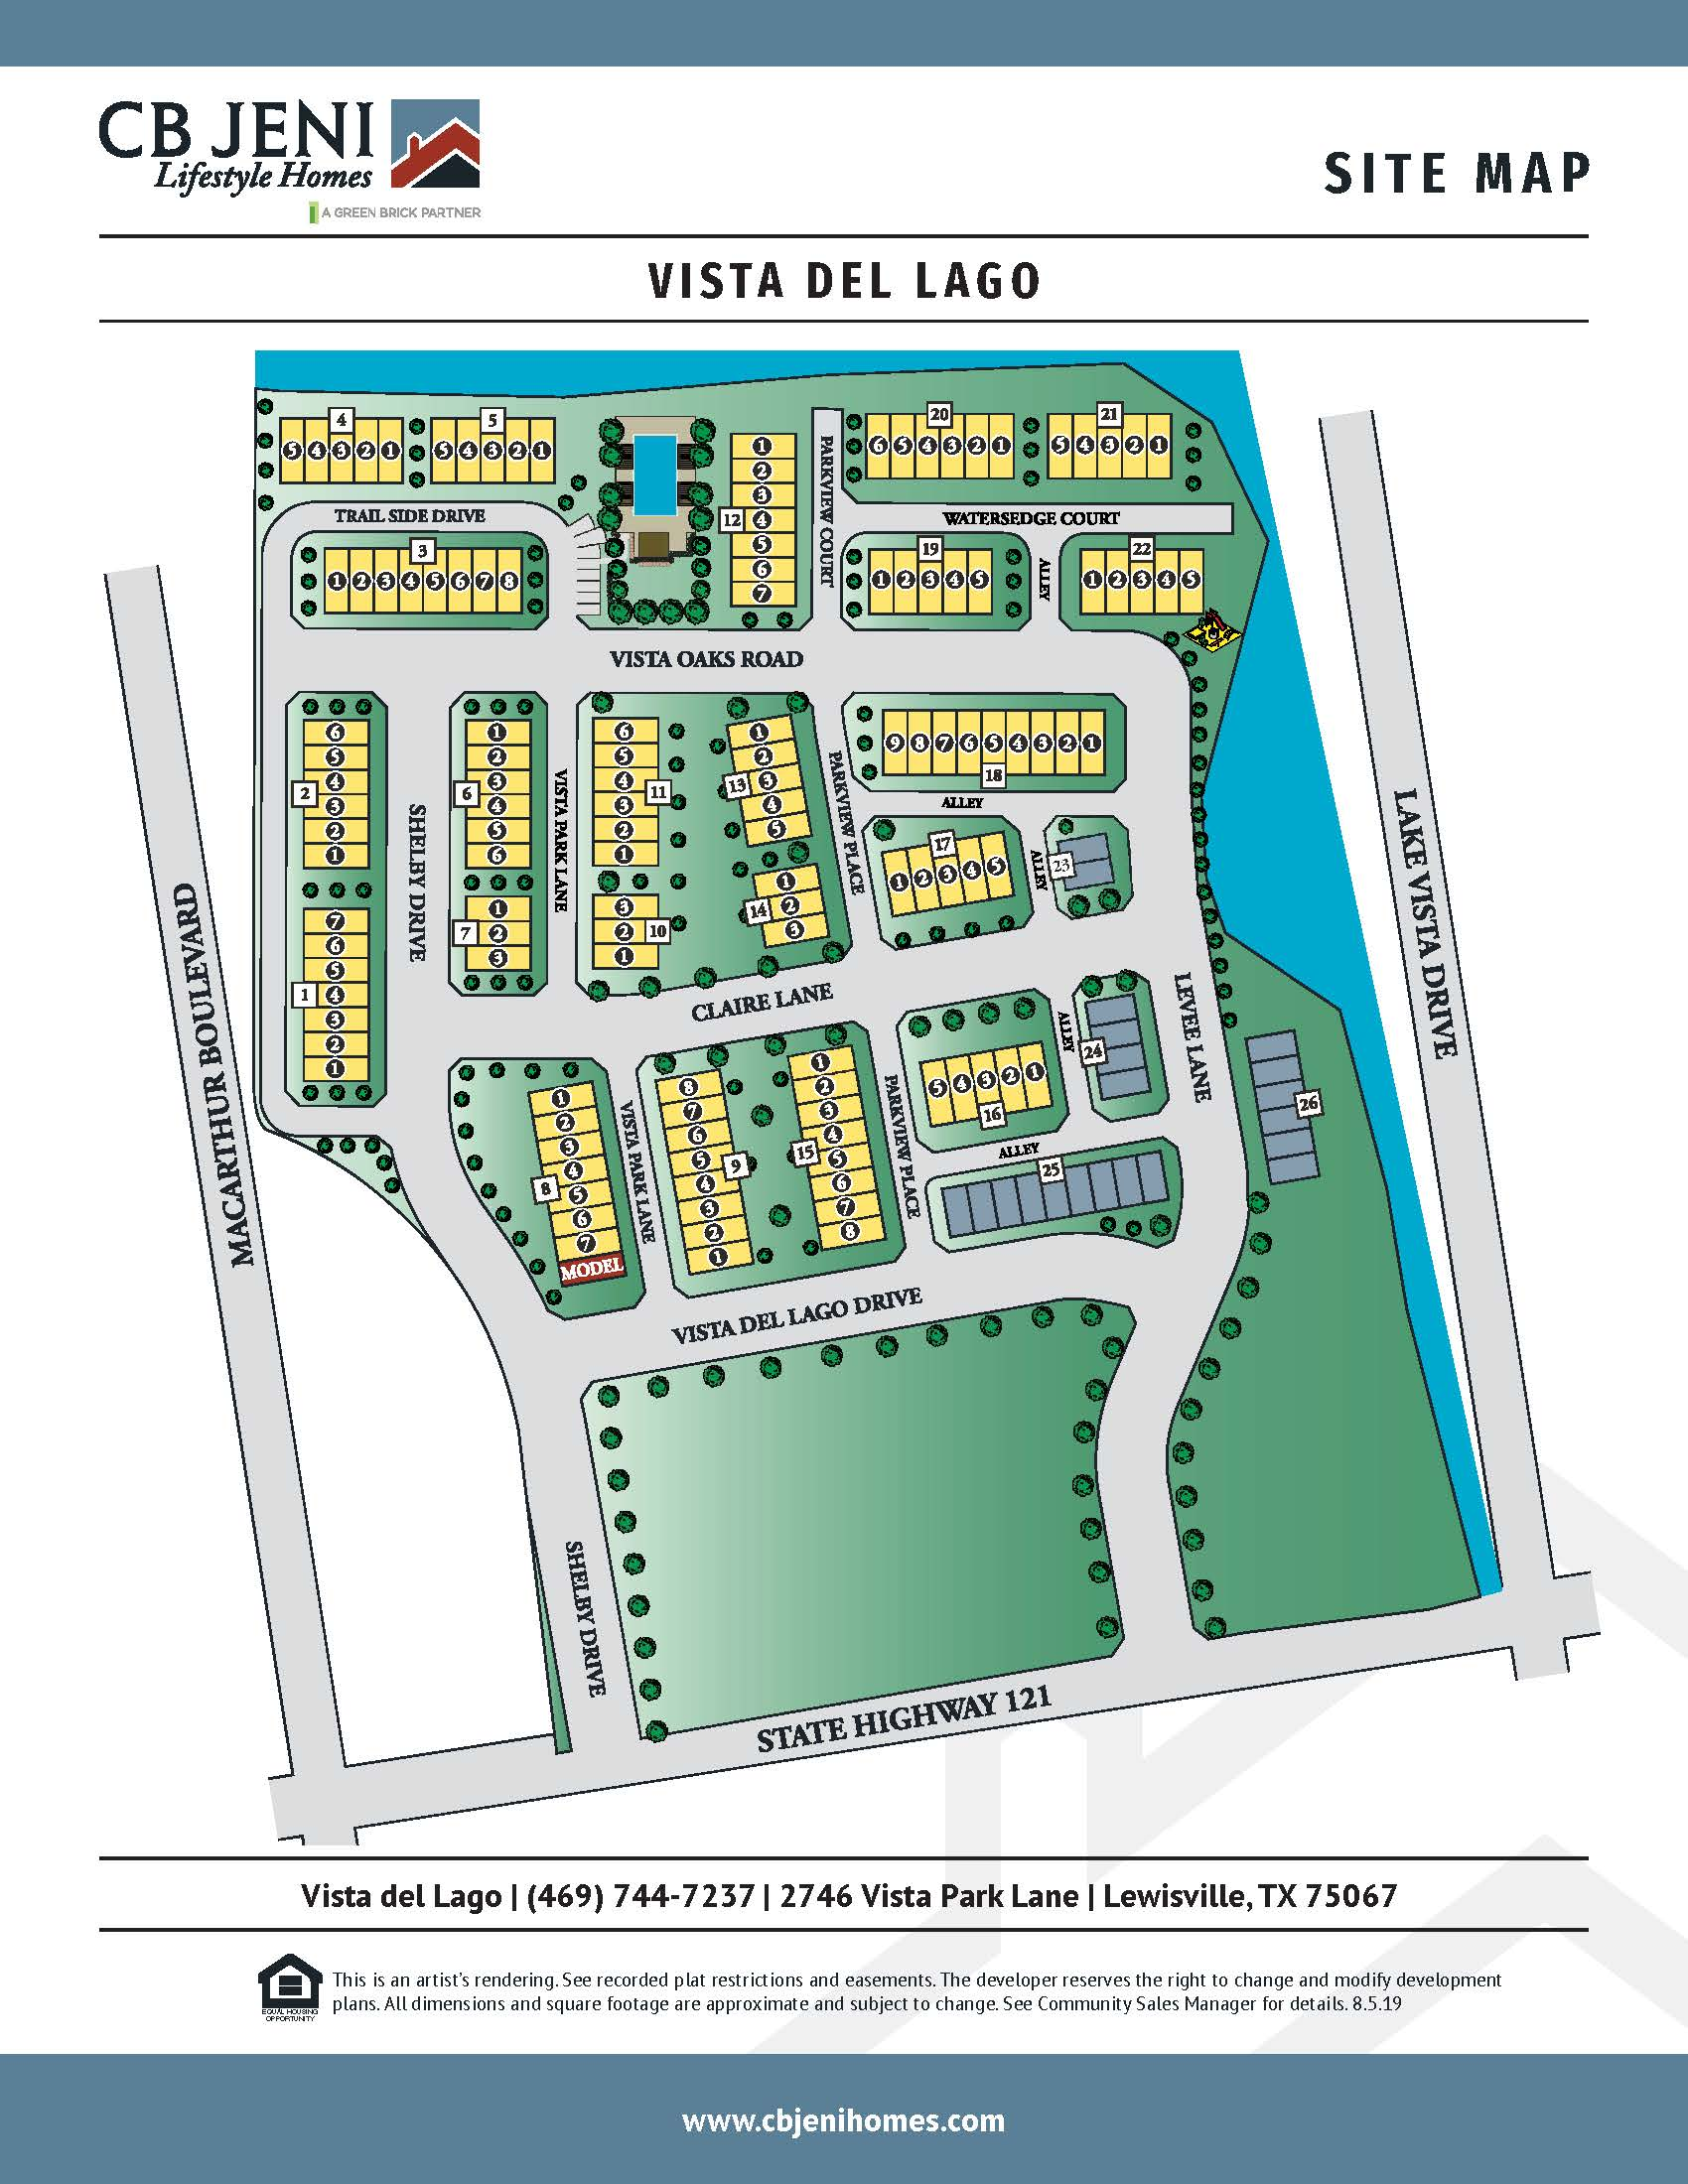 Vista del Lago Site Map